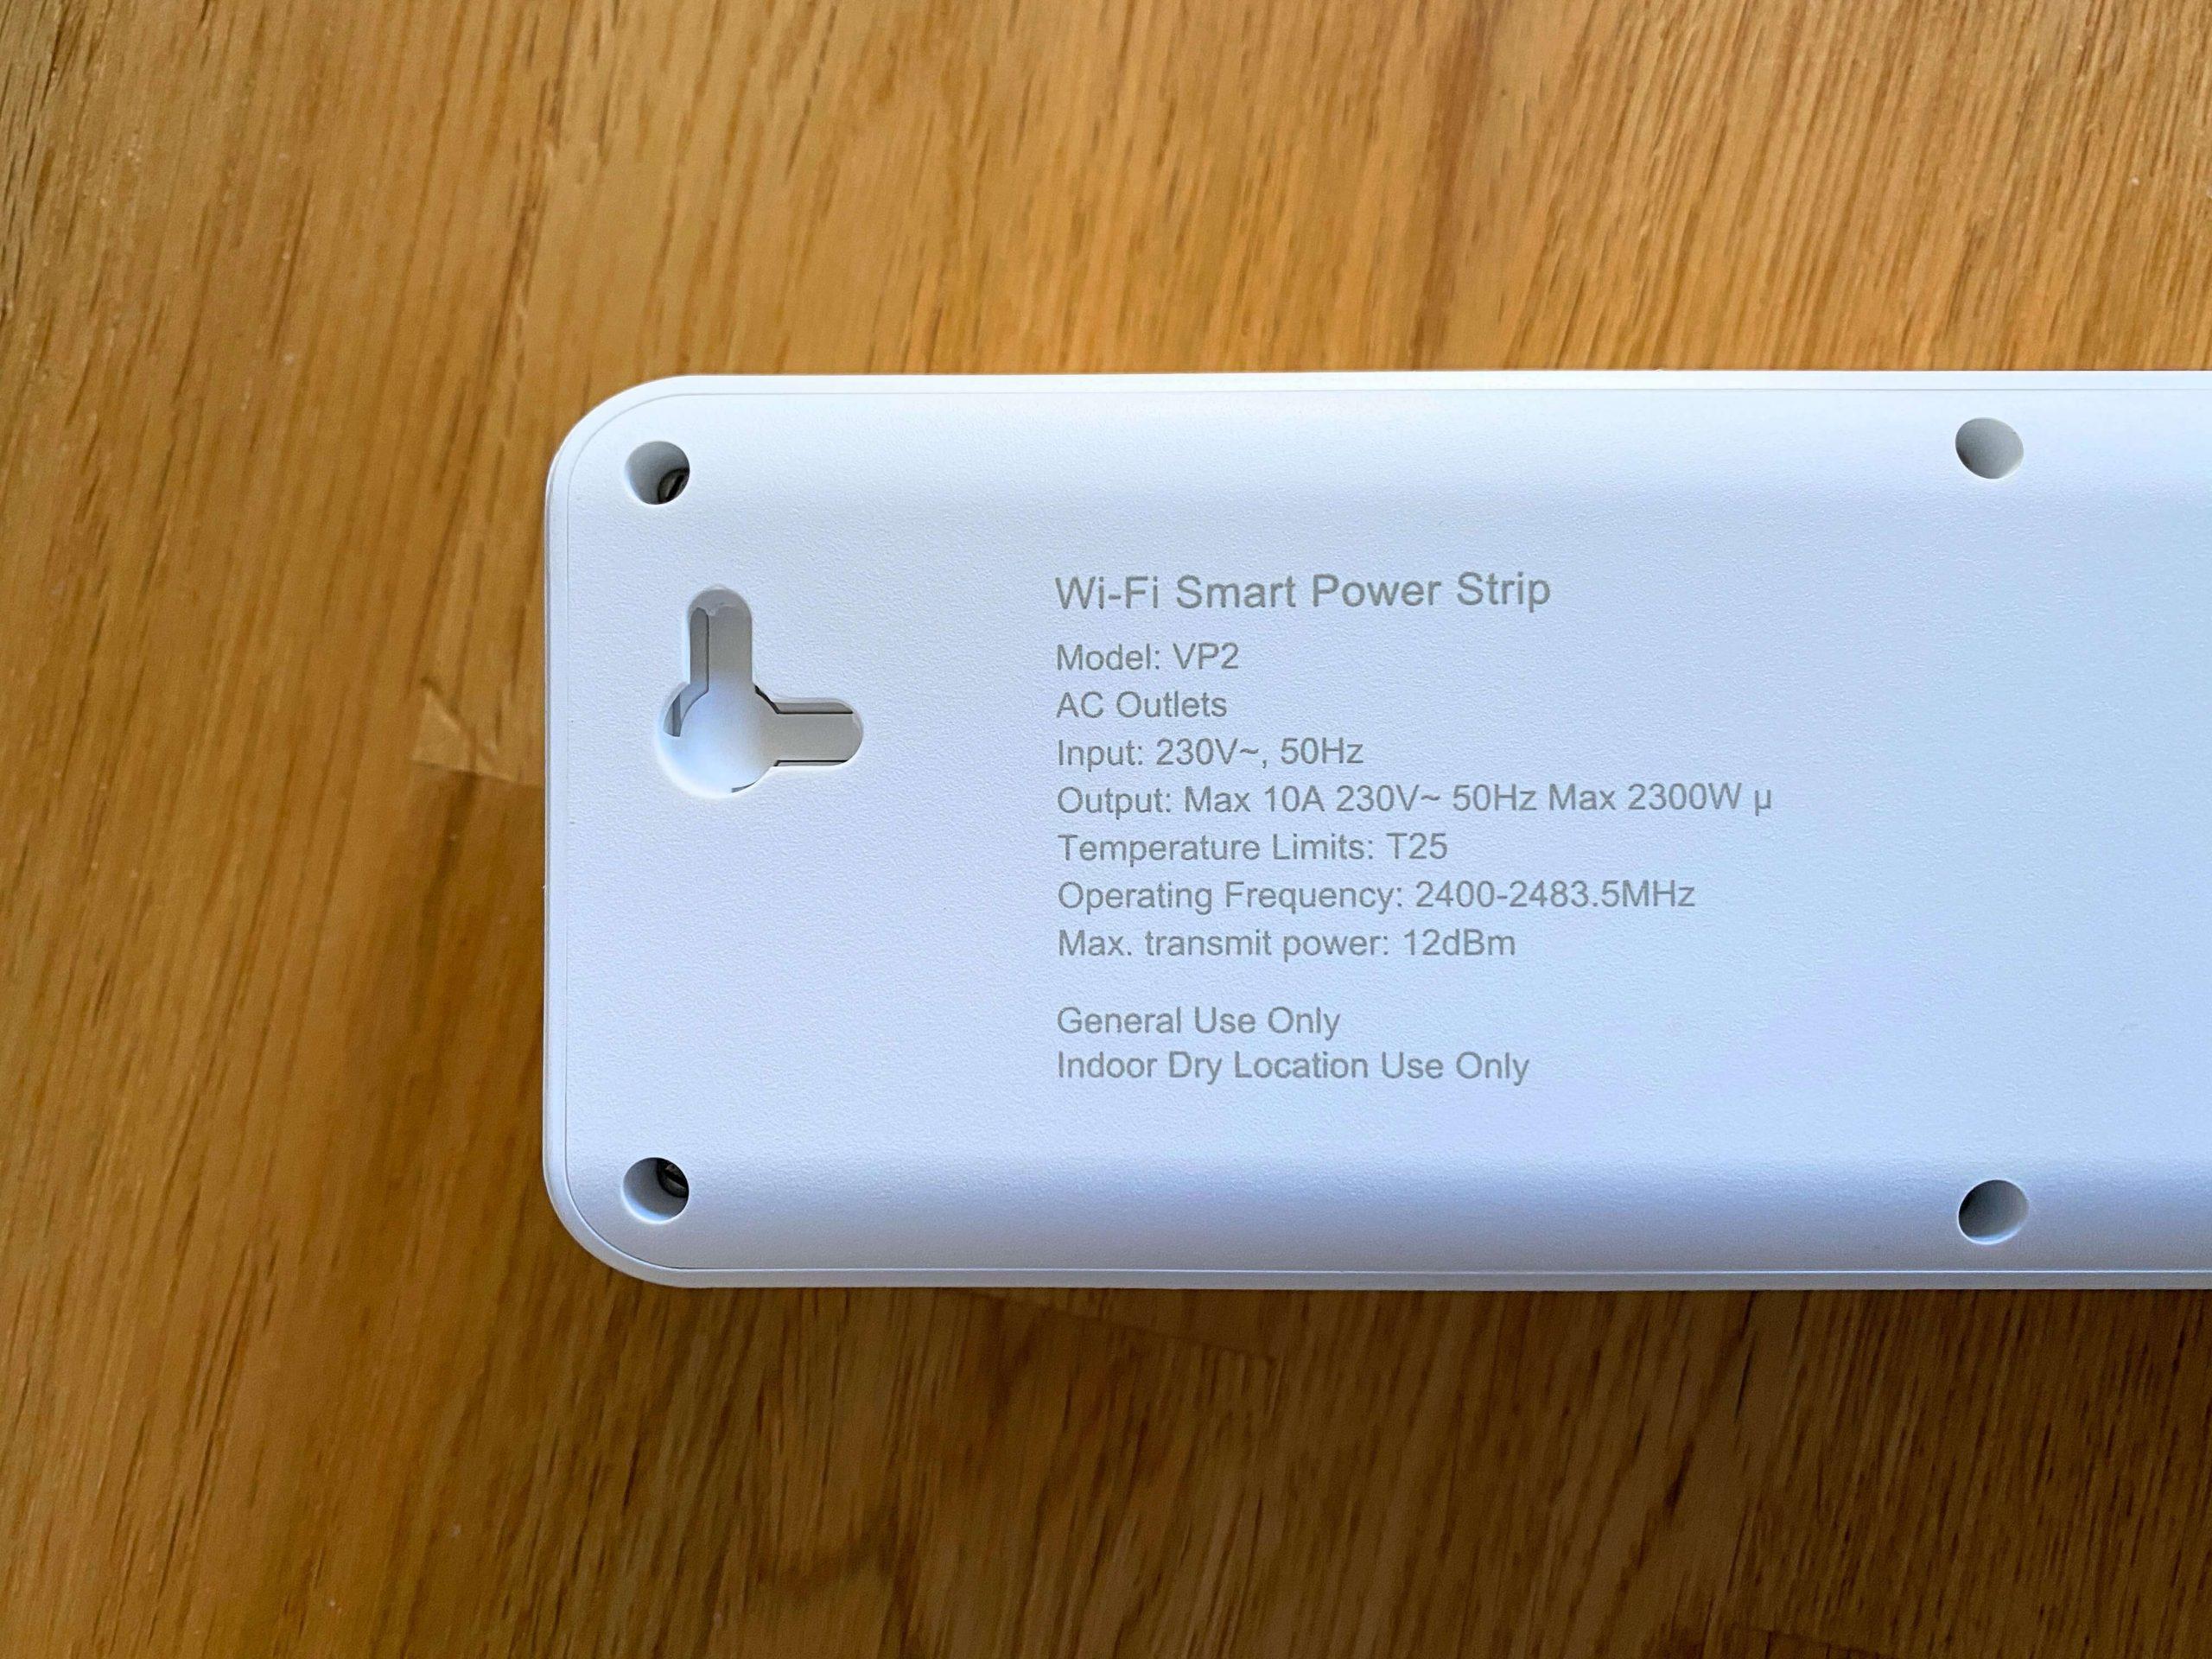 Mehrfachsteckdosenleiste-VP2-von-VOCOlinc-vier-Geraete-via-Apple-HomeKit-steuern5-scaled Mehrfachsteckdosenleiste VP2 von VOCOlinc - vier Geräte via Apple HomeKit steuern